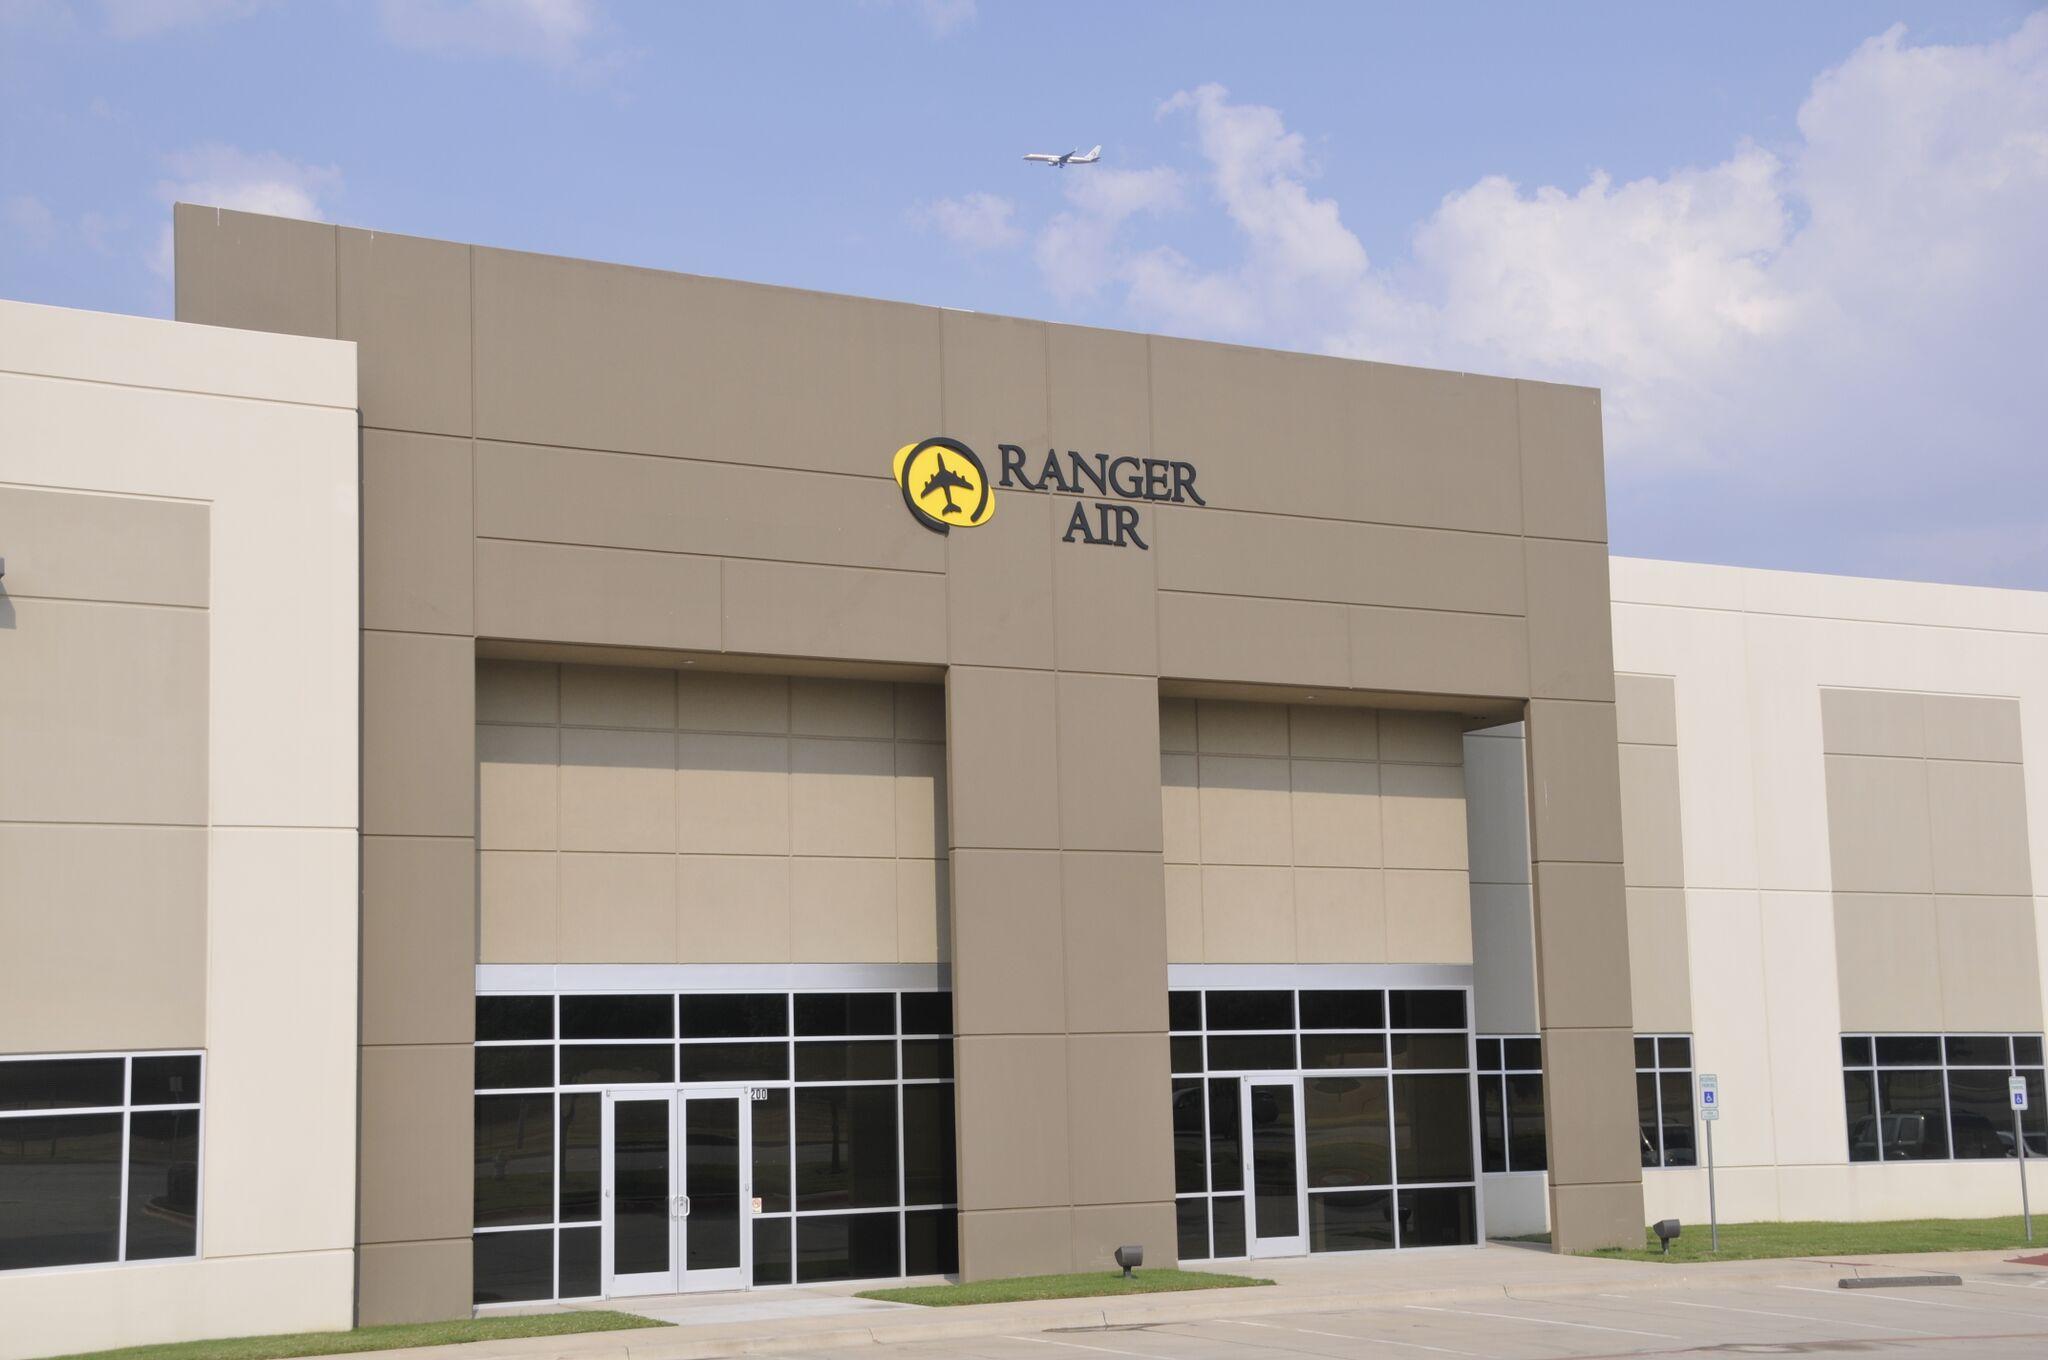 Ranger Air offices, Lewiston, TX